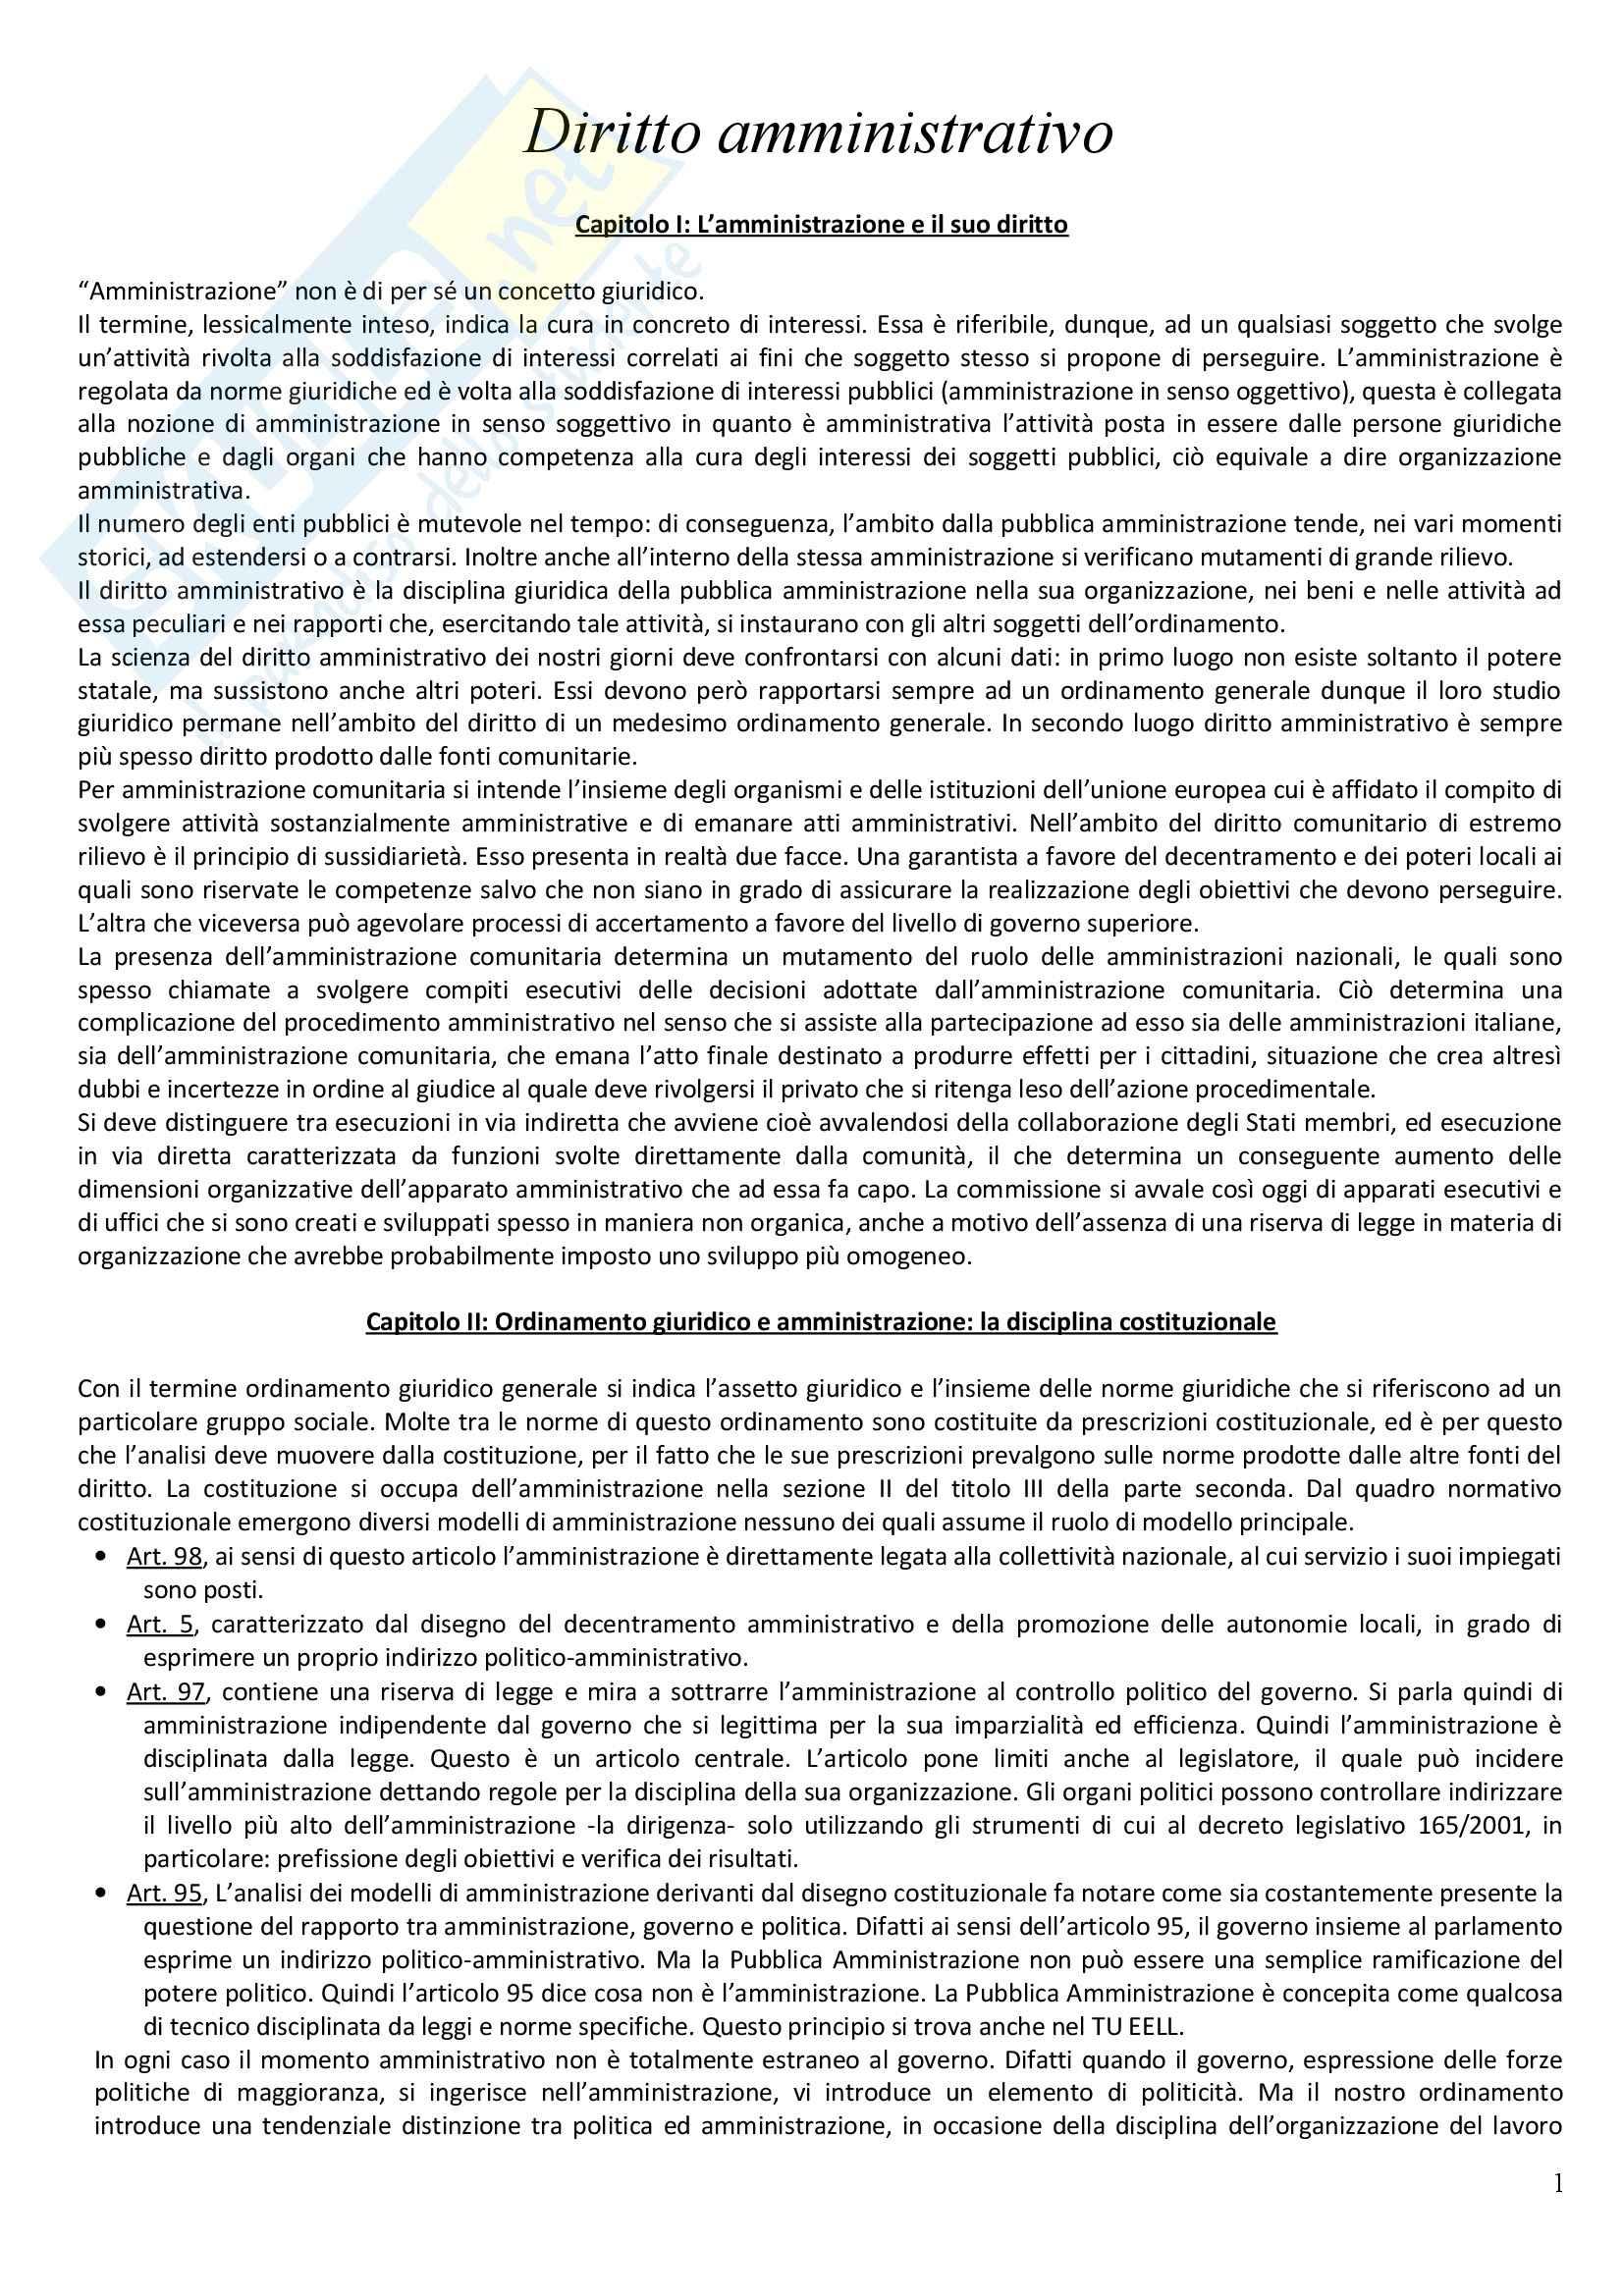 appunto E. Casetta Diritto amministrativo